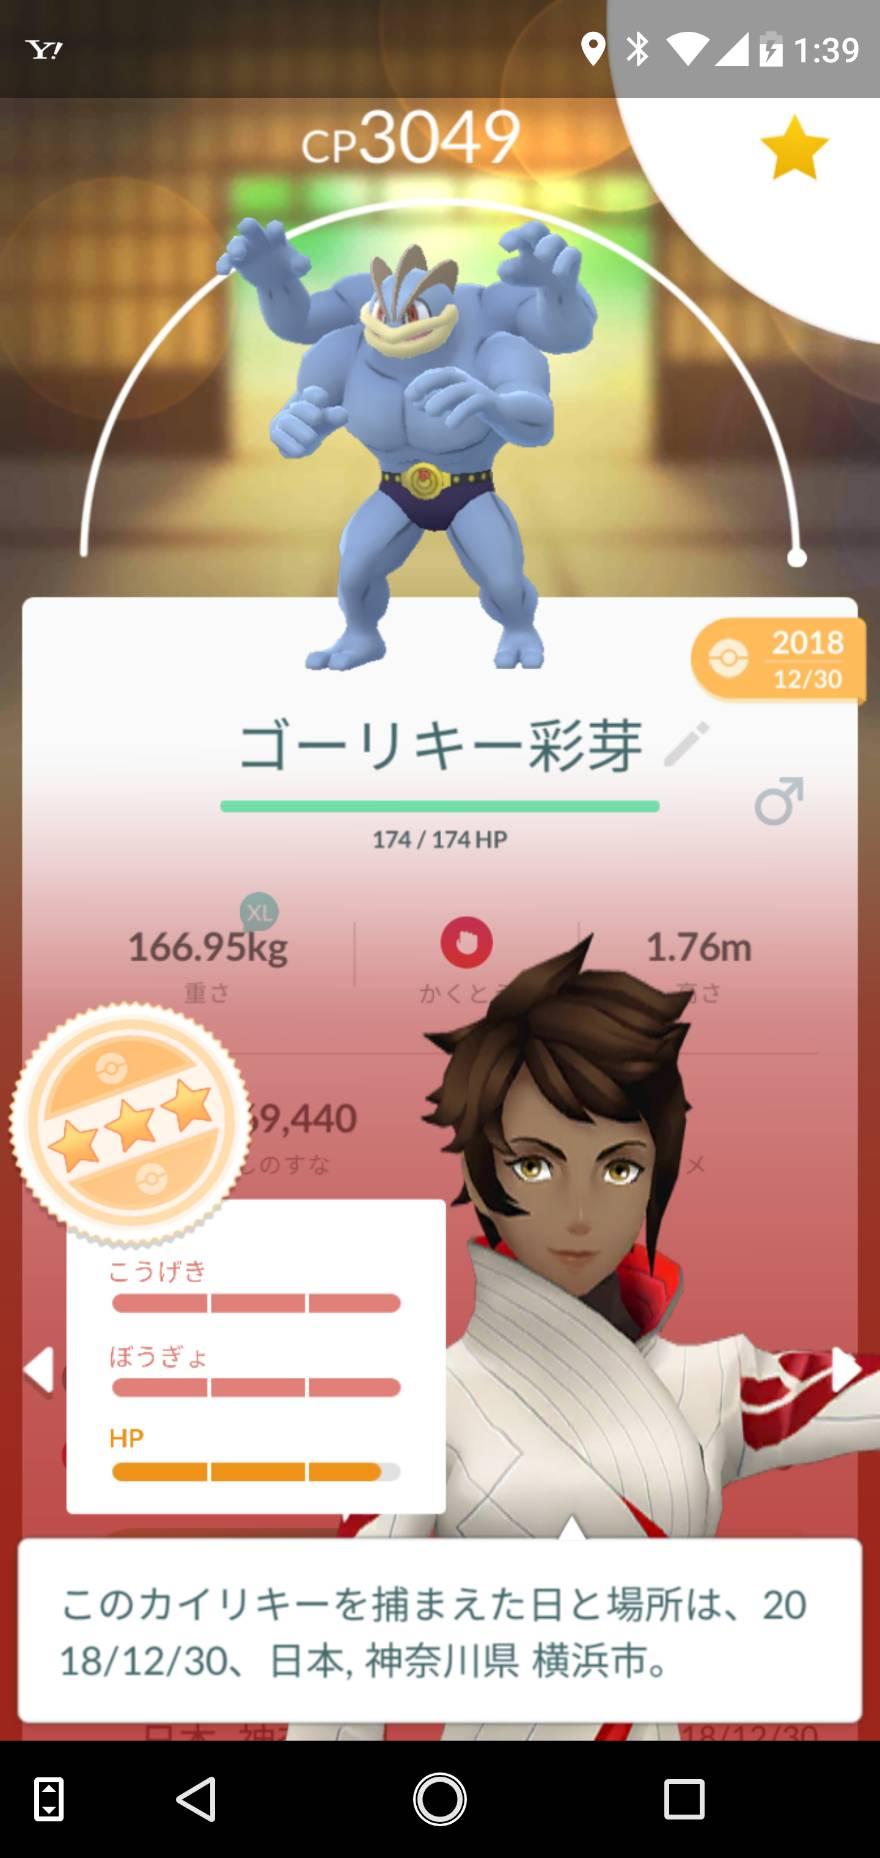 【ポケモンGO】カイリキーは強い!